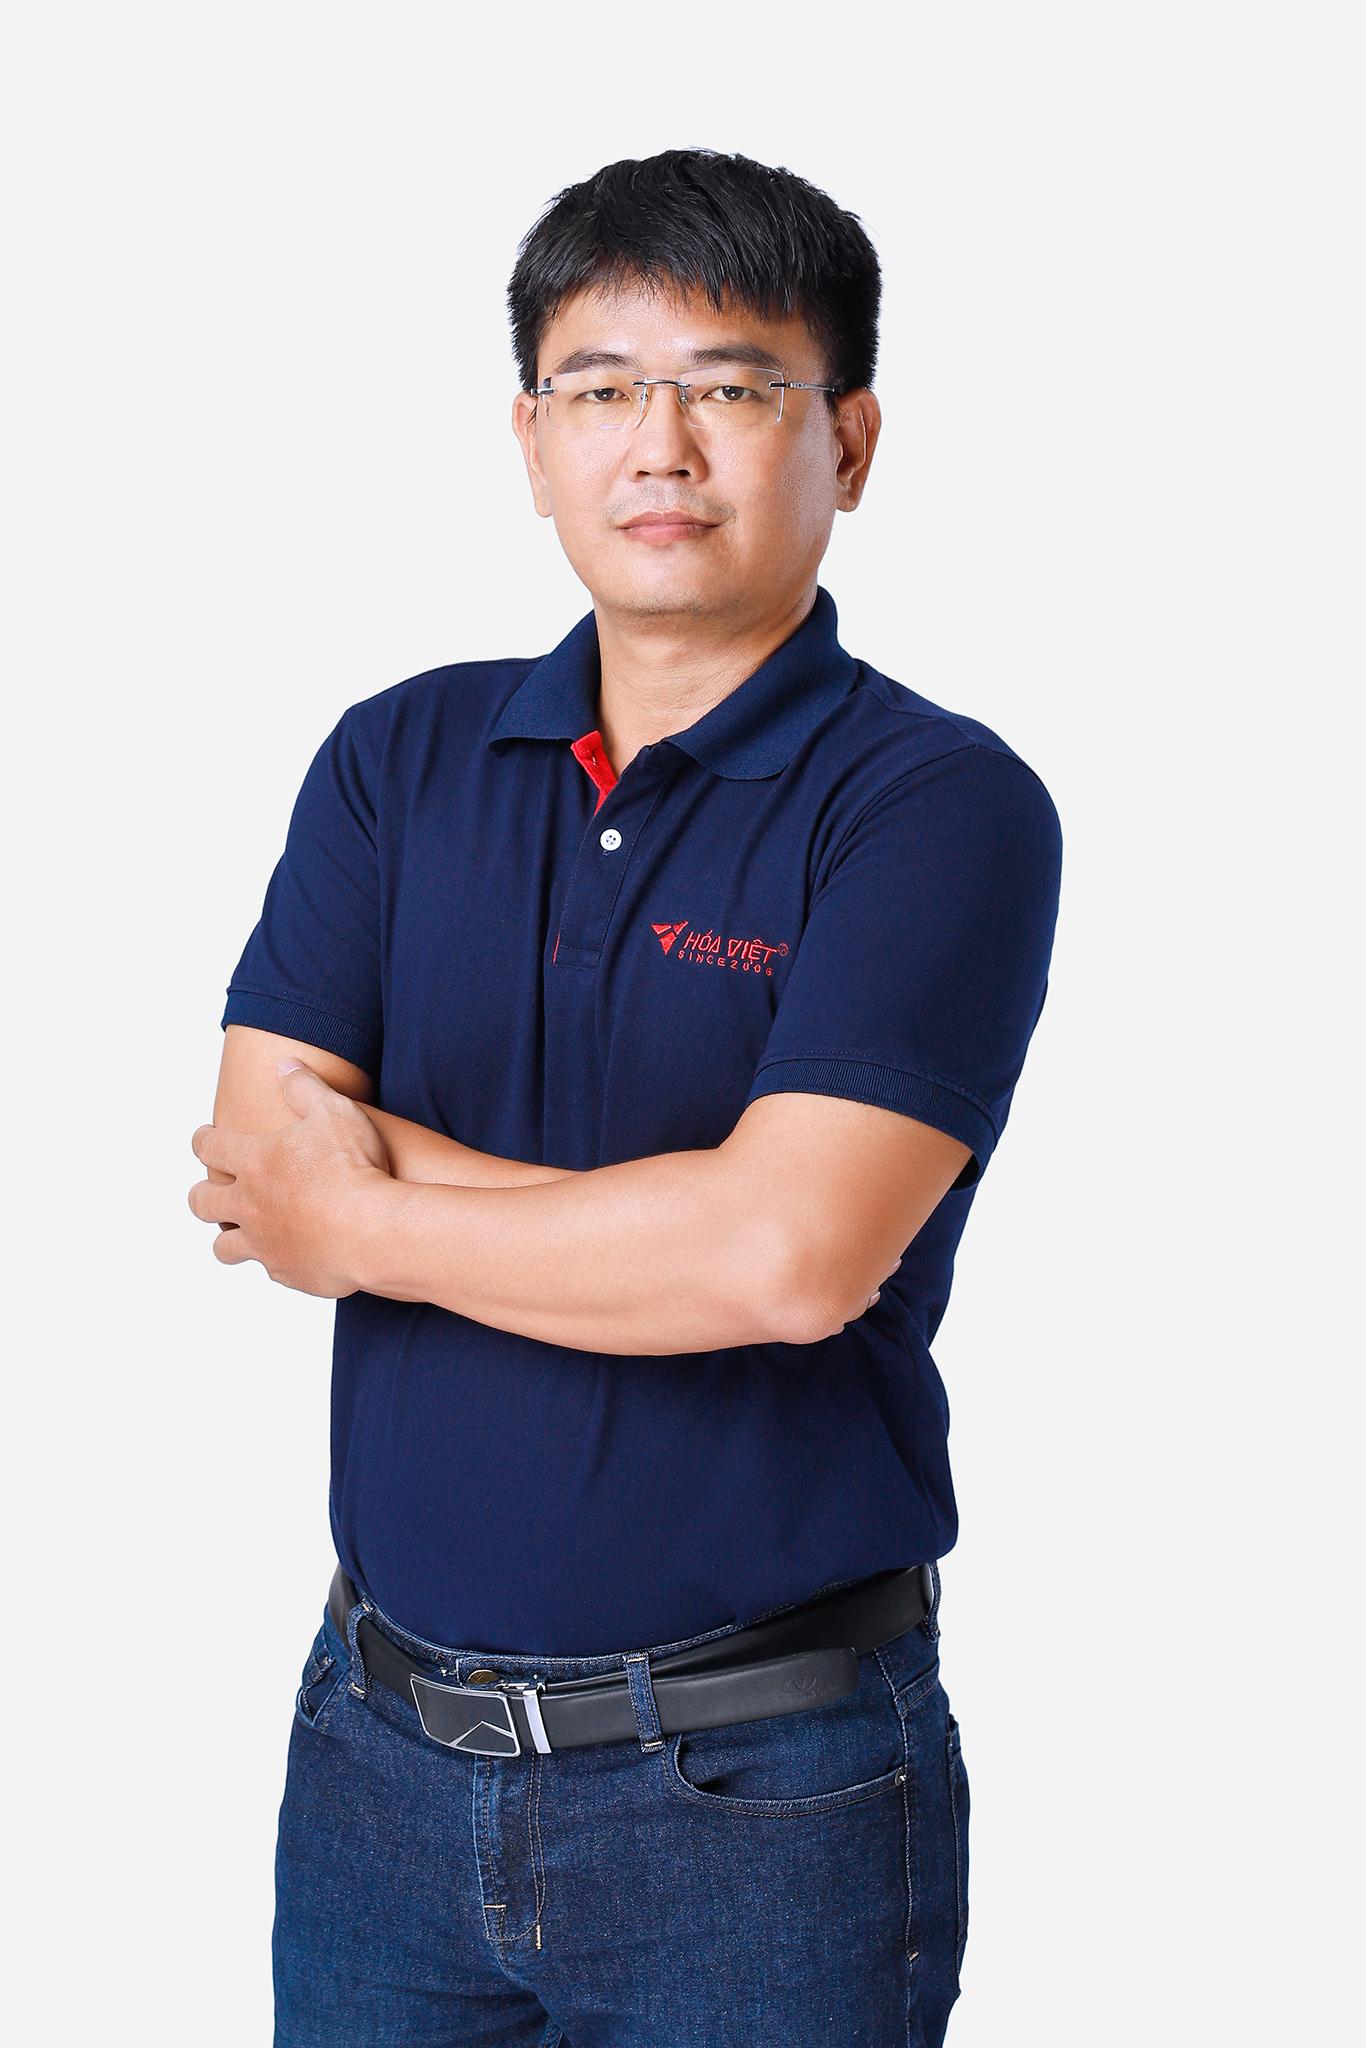 Mang Thanh Bình